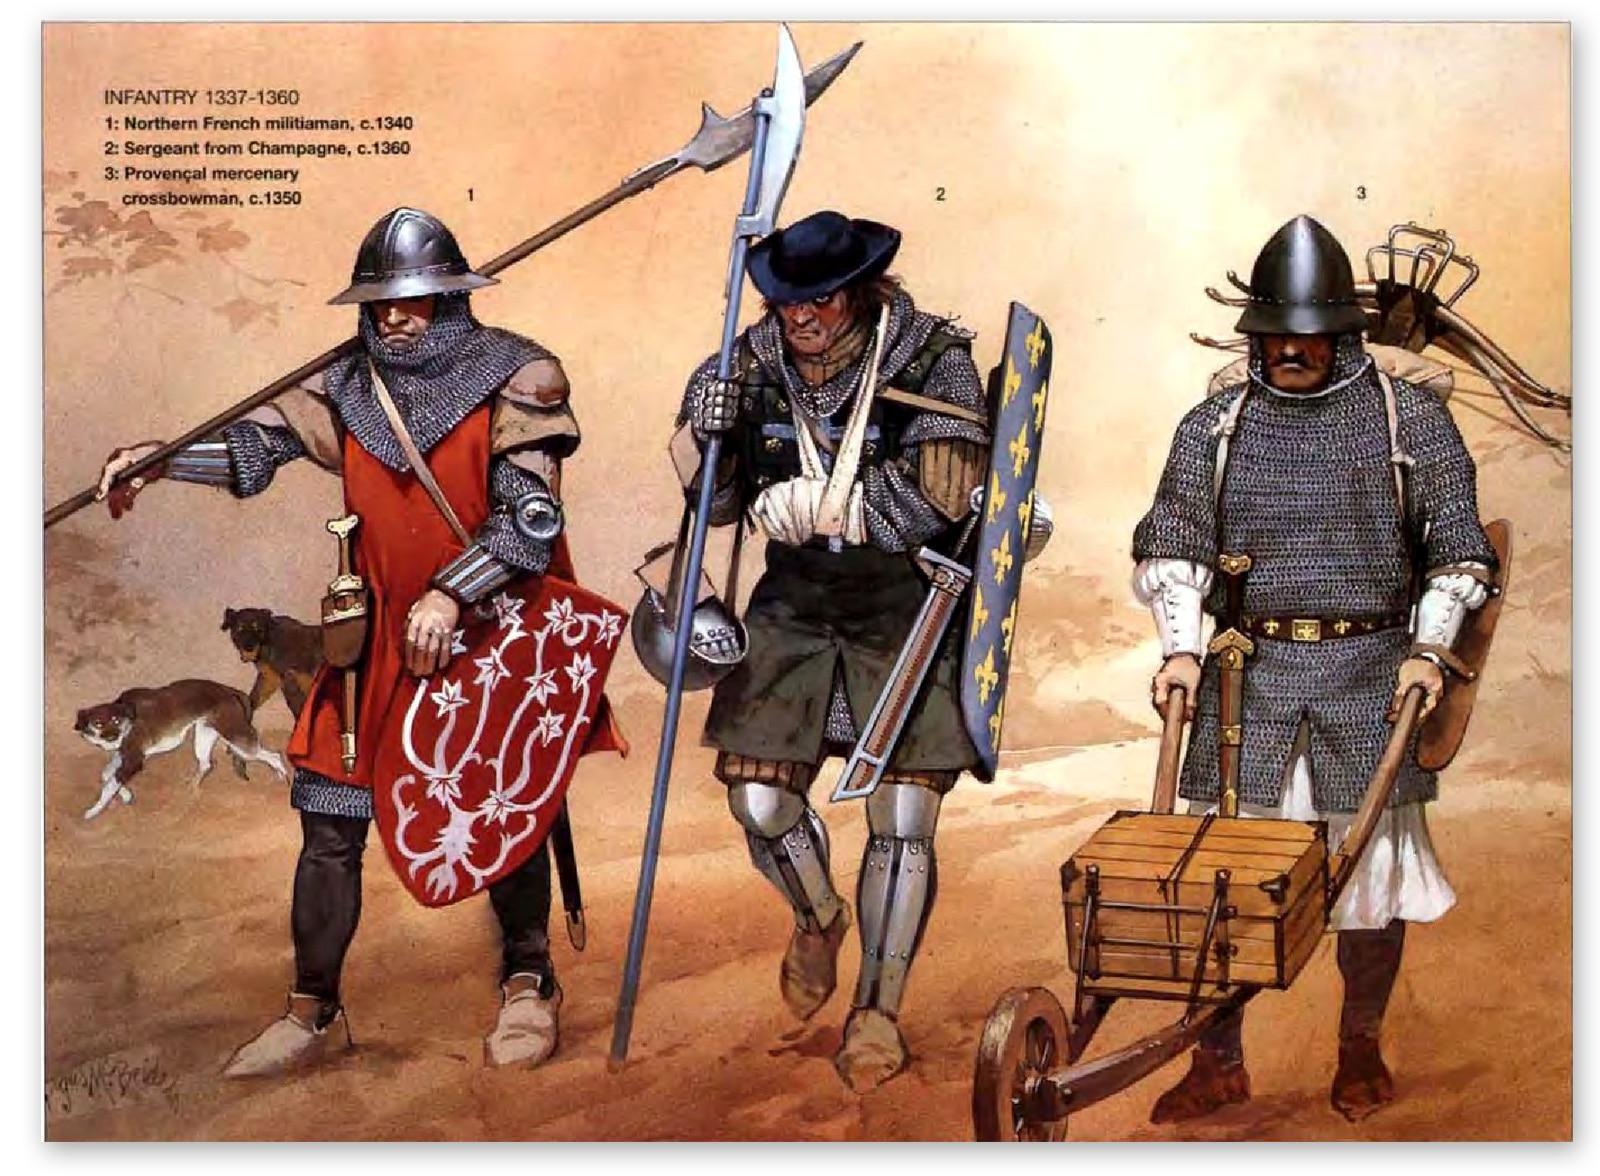 L'infanterie française pendant la guerre de cent ans. Angus Mcbride